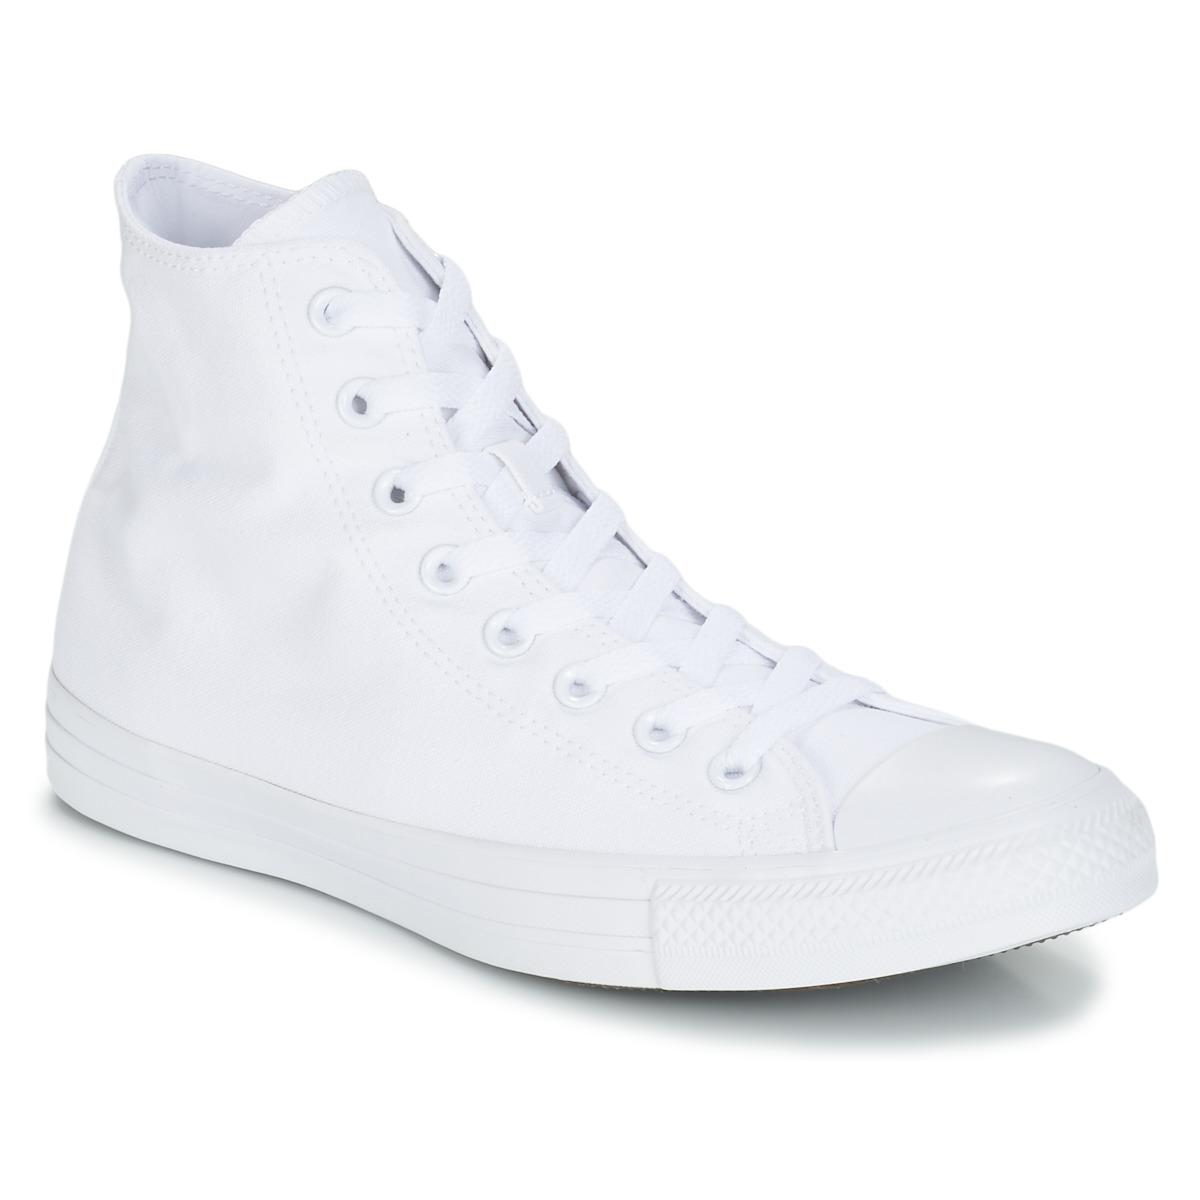 Converse CHUCK TAYLOR ALL STAR MONO HI Weiss - Kostenloser Versand bei Spartoode ! - Schuhe Sneaker High  55,99 €